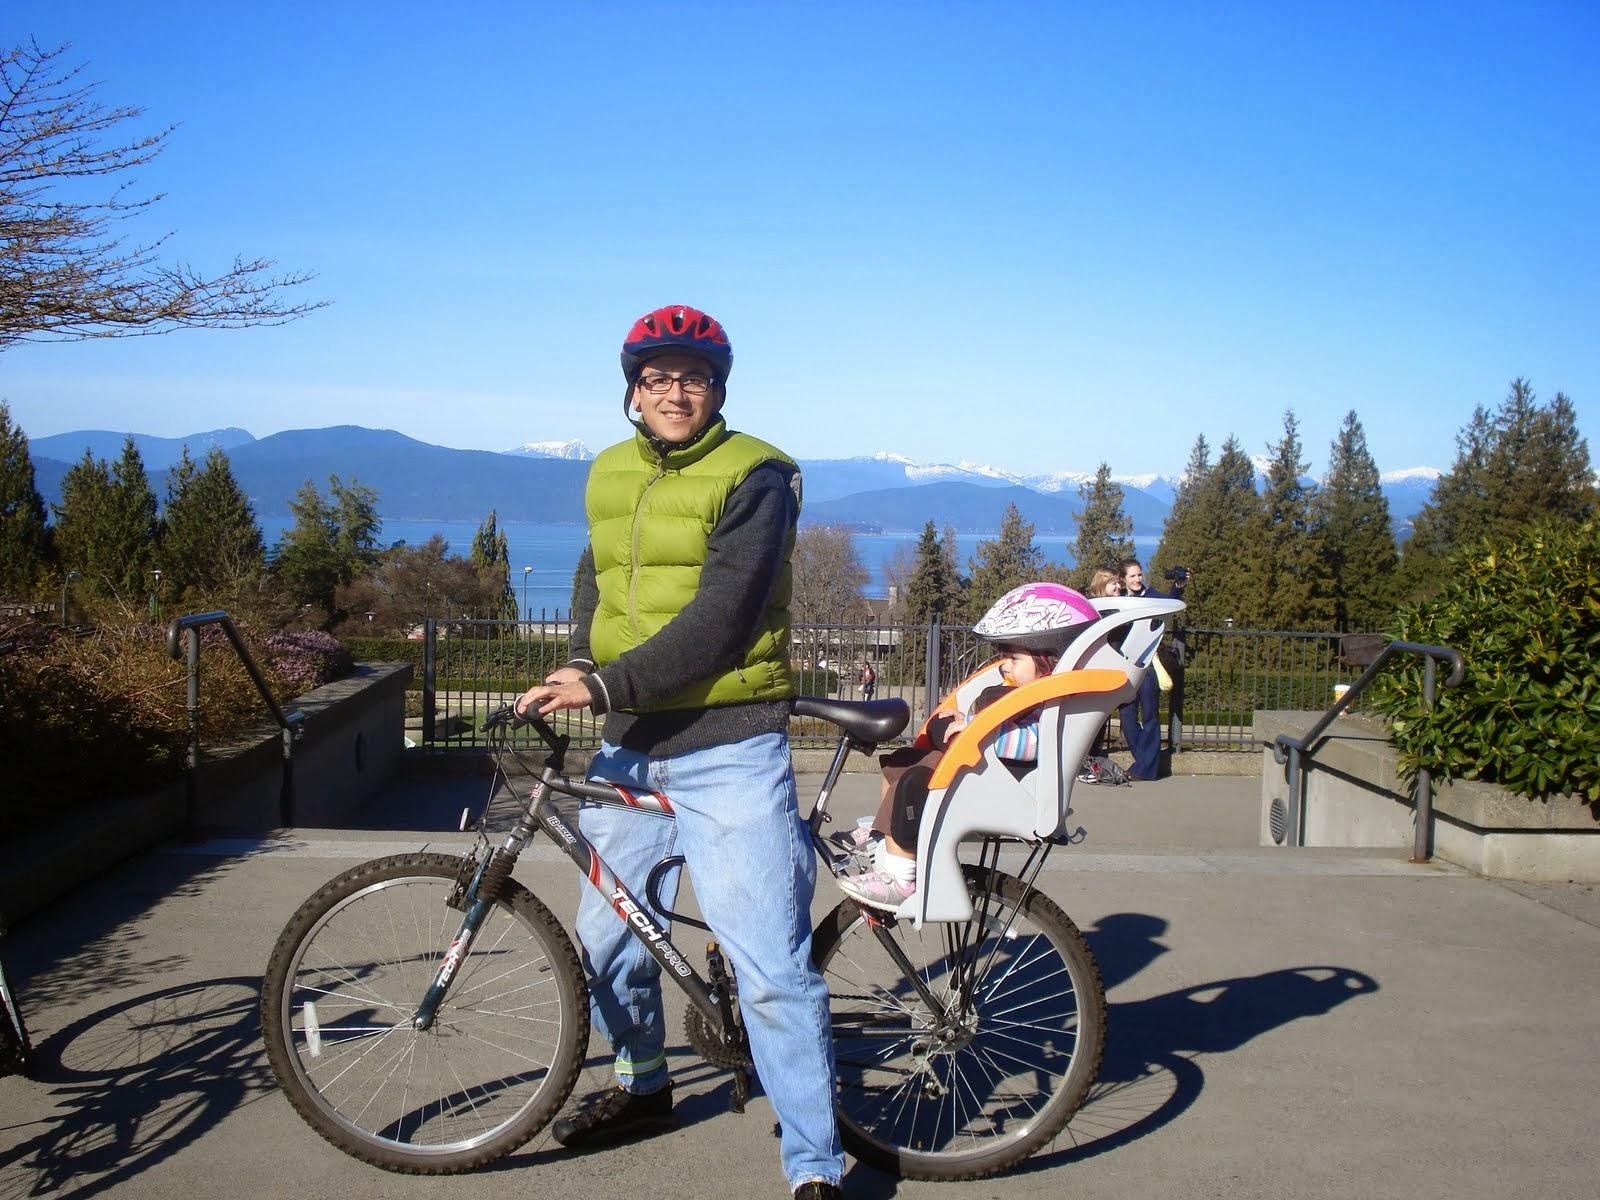 Hace algunos años, paseando con mi hija en la University of British Columbia.